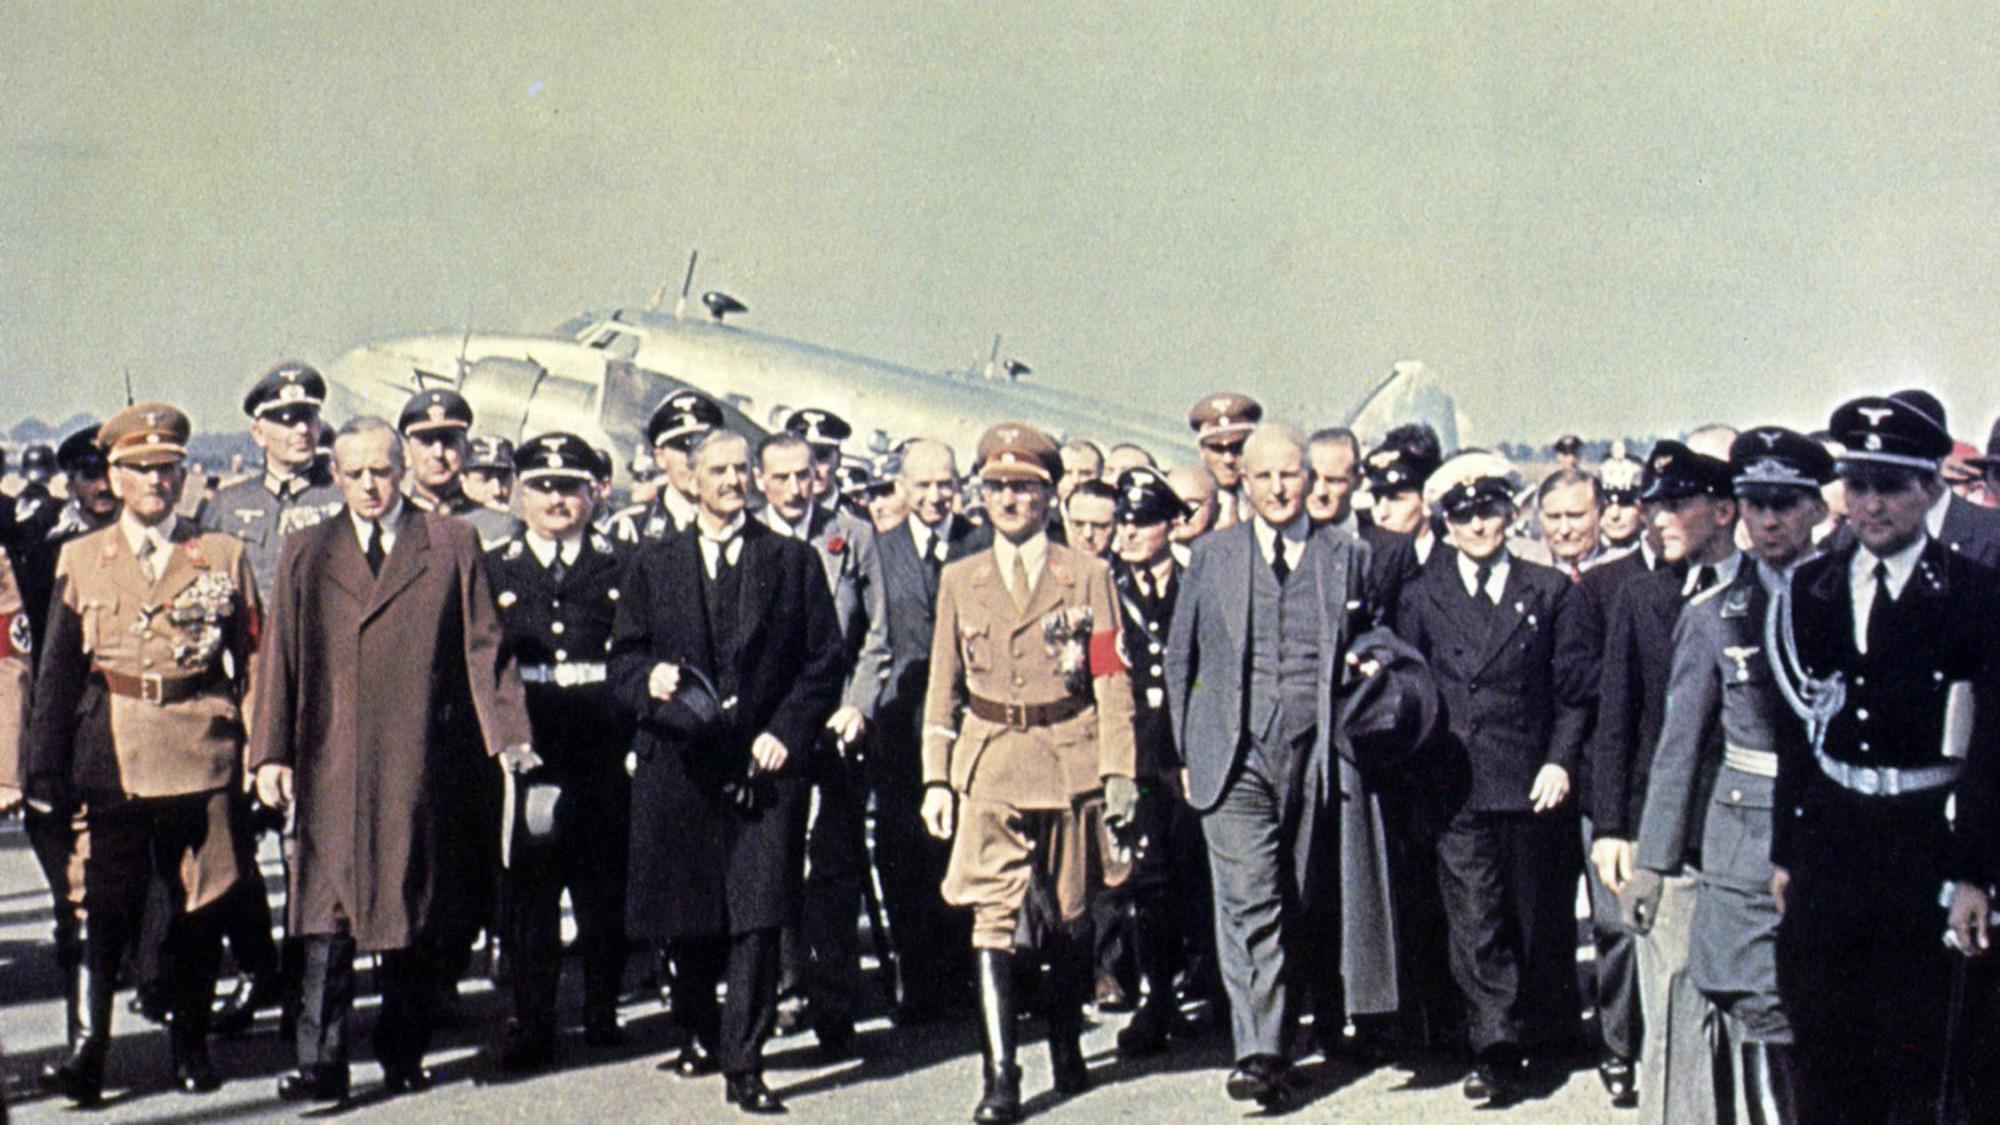 20 век в цвете. 1938 год. Мир на пороге войны 80 лет назад